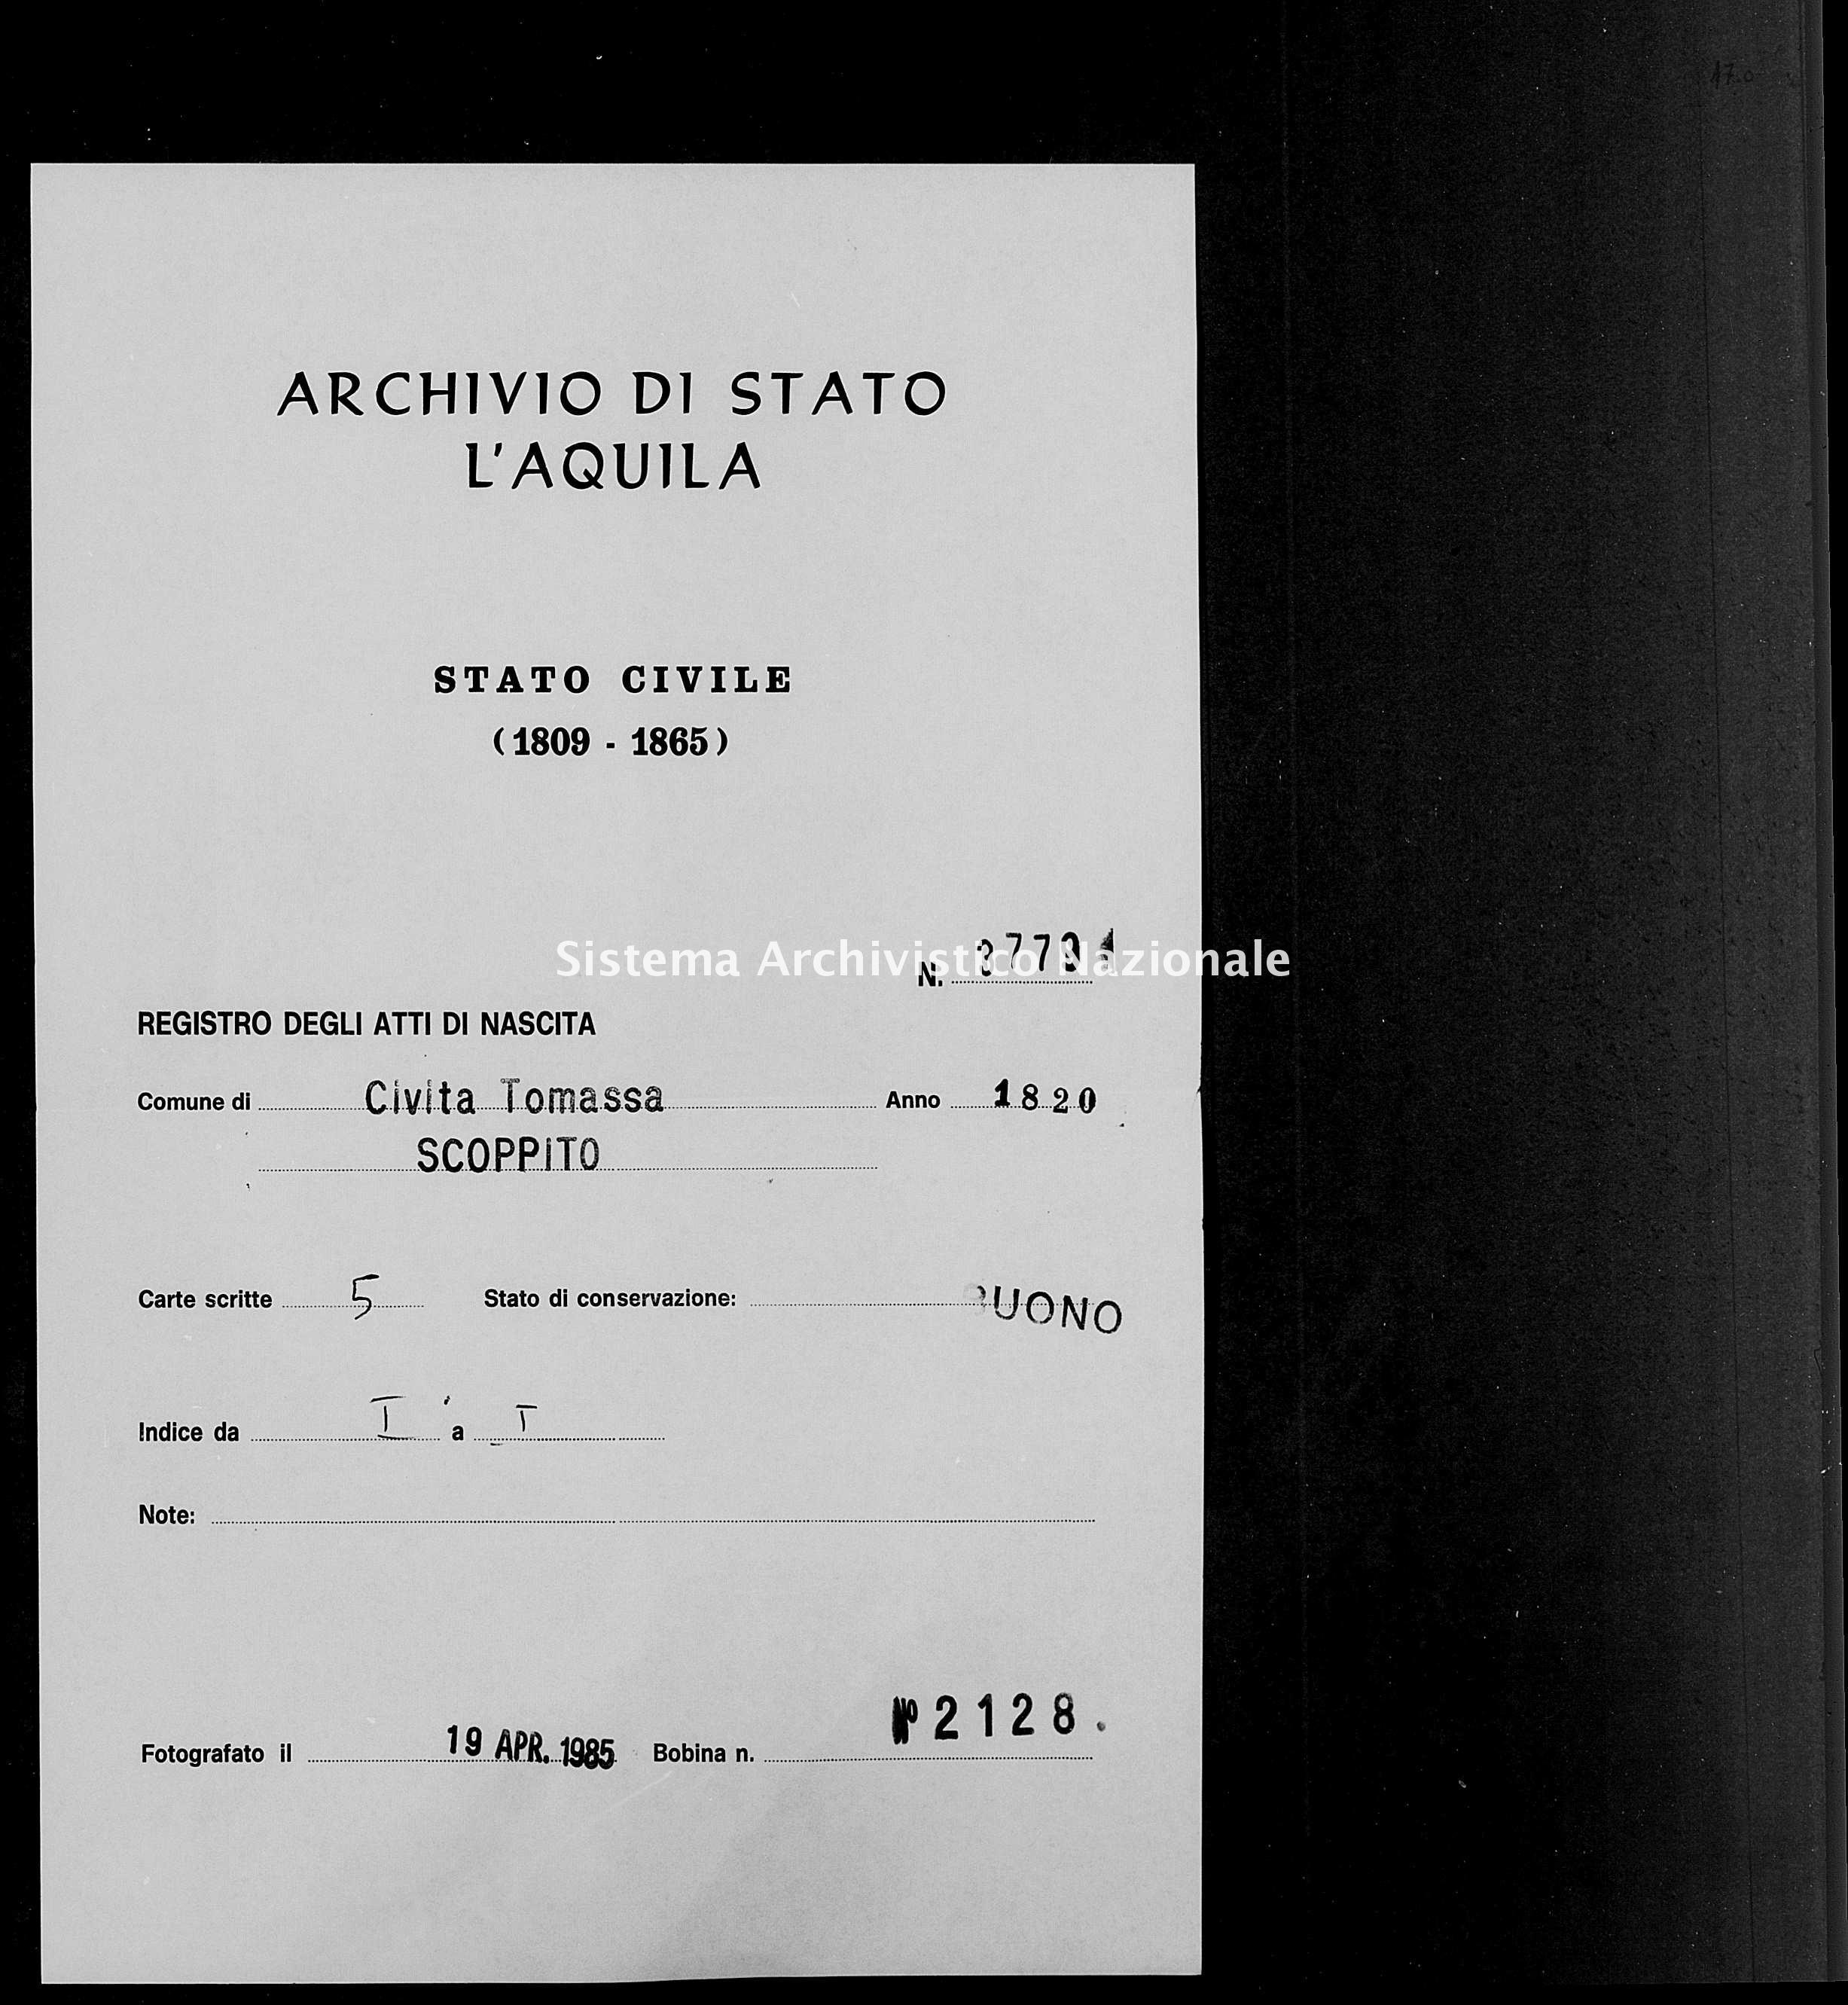 Archivio di stato di L'aquila - Stato civile della restaurazione - Civitatomassa - Nati - 1820 - 3779 -